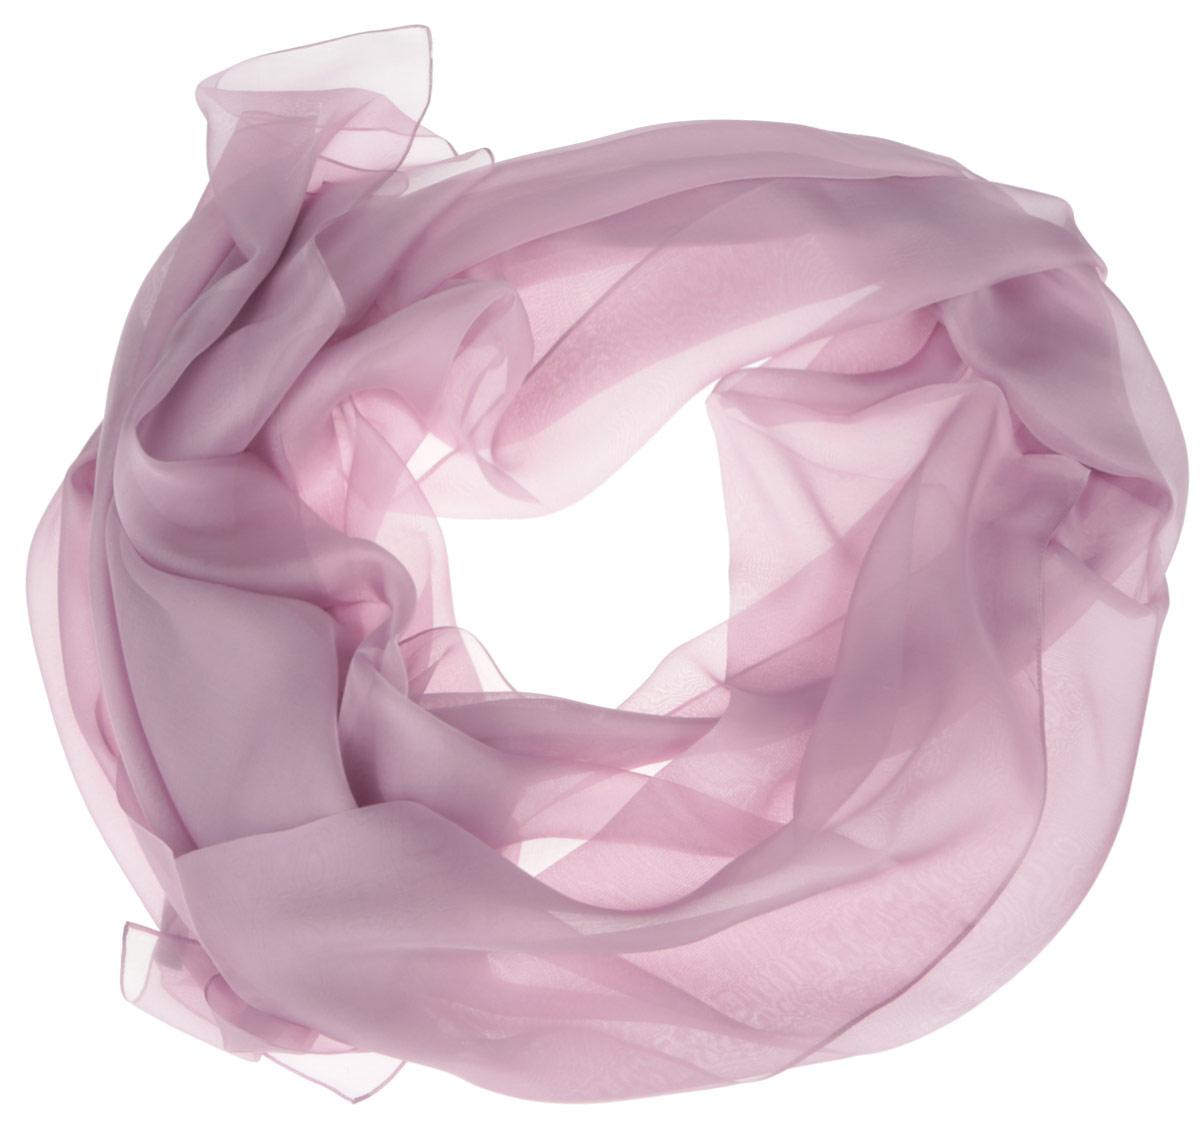 ШарфCX1516-61-16Стильный женский платок Fabretti станет великолепным завершением любого наряда. Платок изготовлен из высококачественного шелка. Вы сможете сочетать этот оригинальный однотонный платок с любыми нарядами. Классическая квадратная форма позволяет носить платок на шее, украшать им прическу или декорировать сумочку. Мягкий и шелковистый платок поможет вам создать изысканный женственный образ, а также согреет в непогоду. Такой платок превосходно дополнит любой наряд и подчеркнет ваш неповторимый вкус и элегантность.